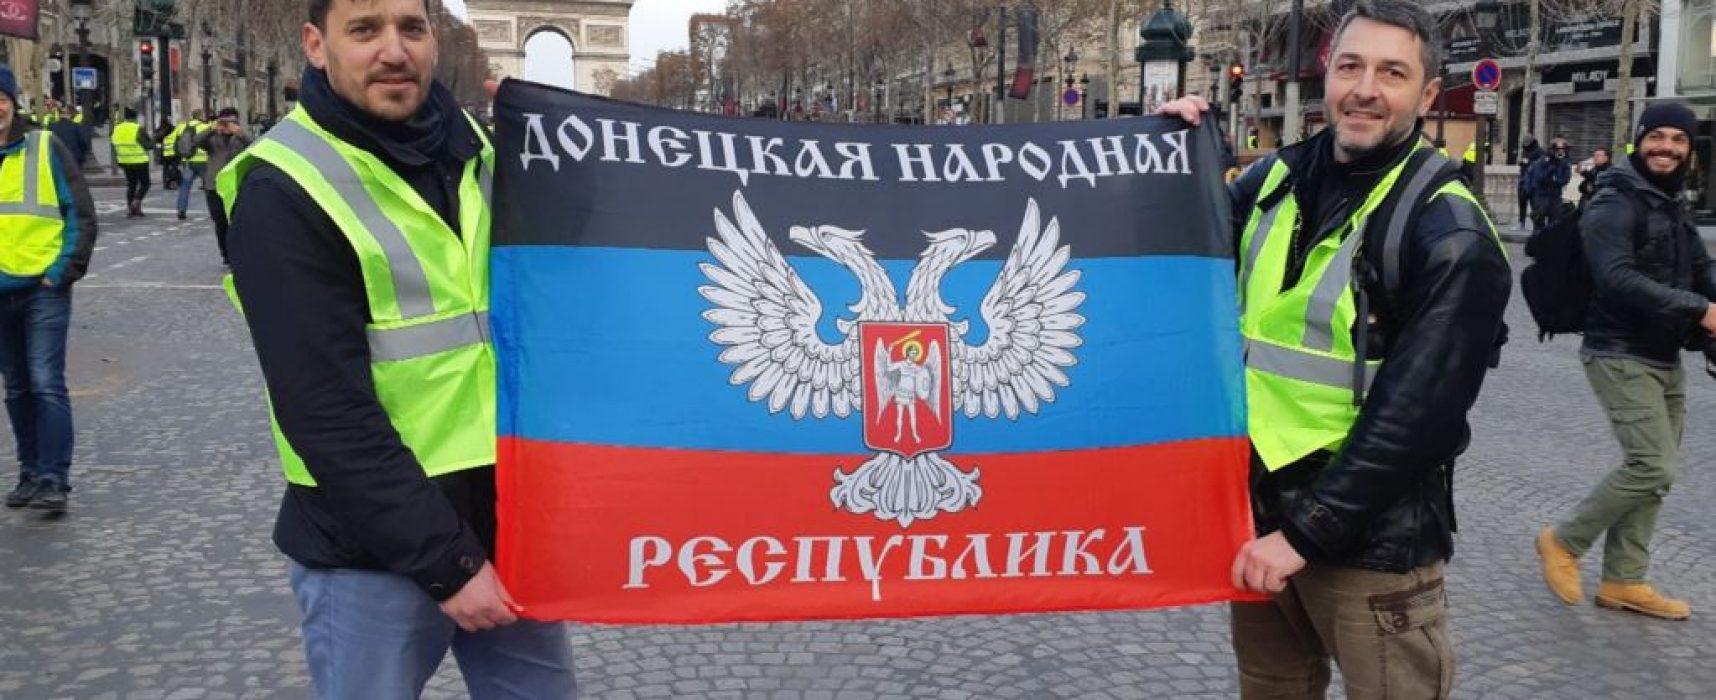 ¿Quién desplegó la bandera de la falsa república de Donetsk en París?